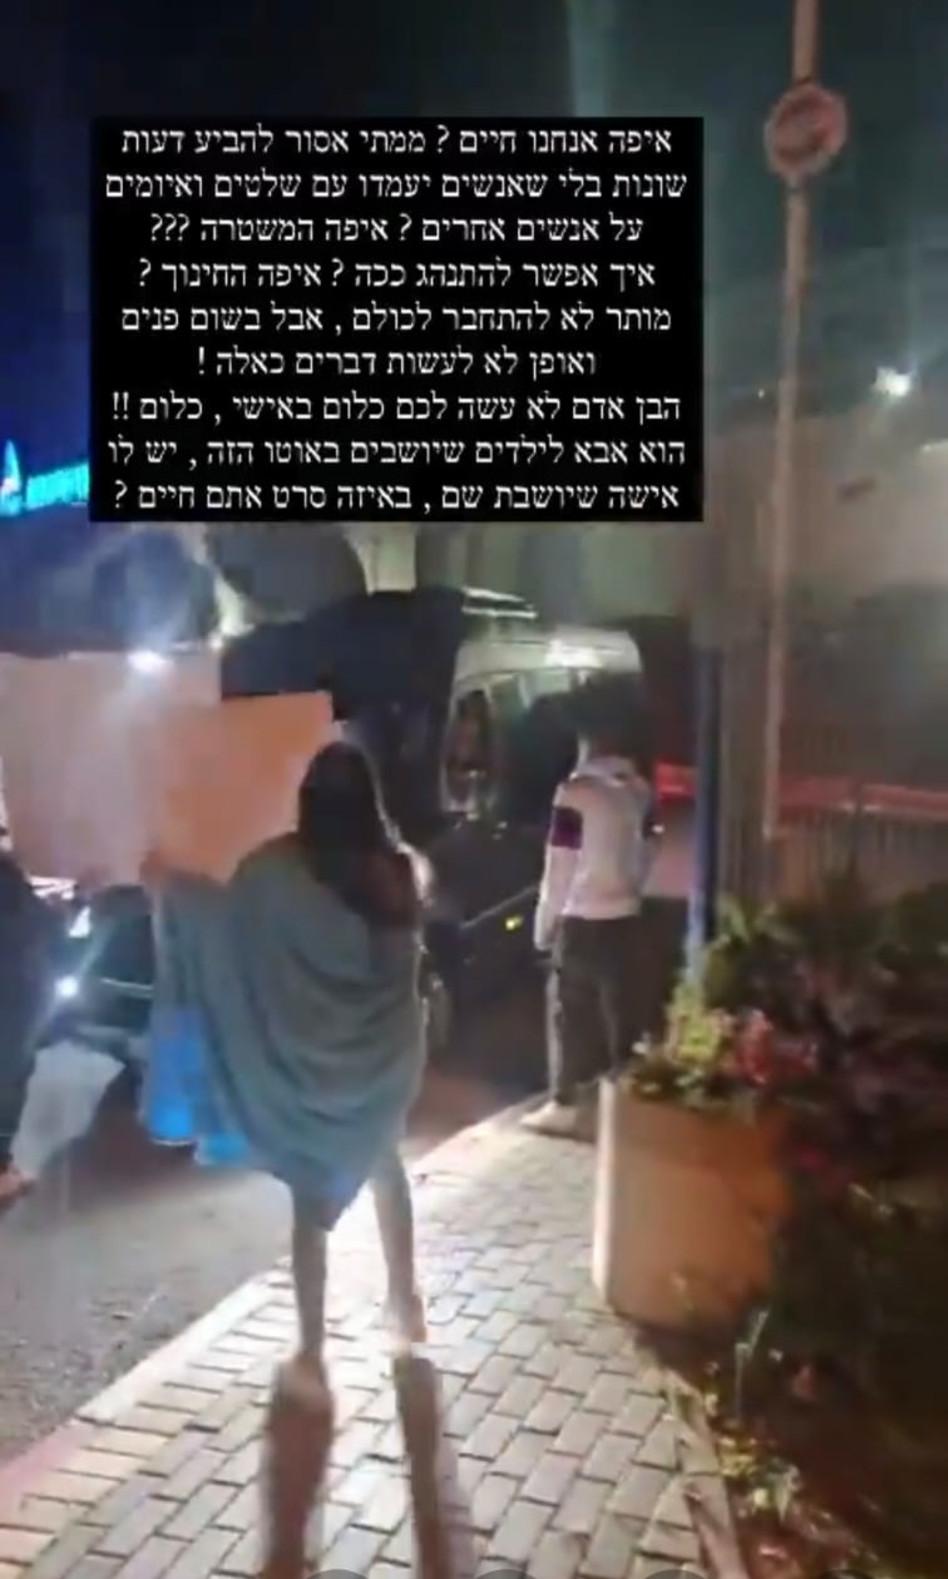 תומכי יהודה יצחקוב (צילום: צילום מסך אינסטגרם)